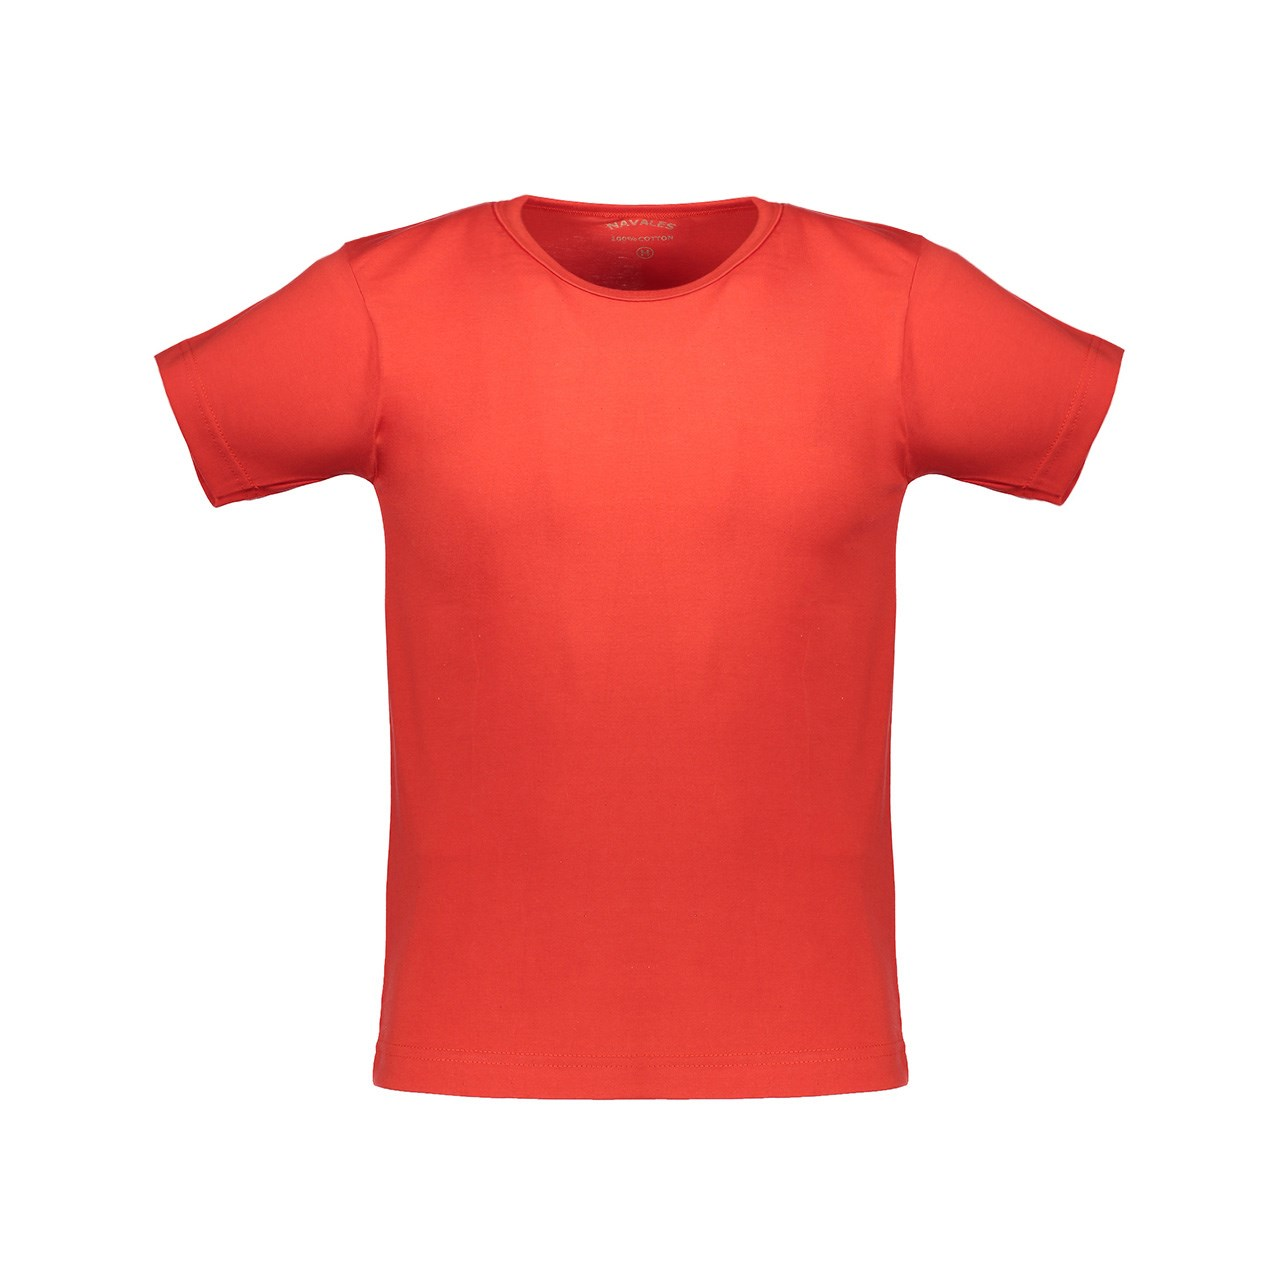 تی شرت مردانه ناوالس کدMX200RD